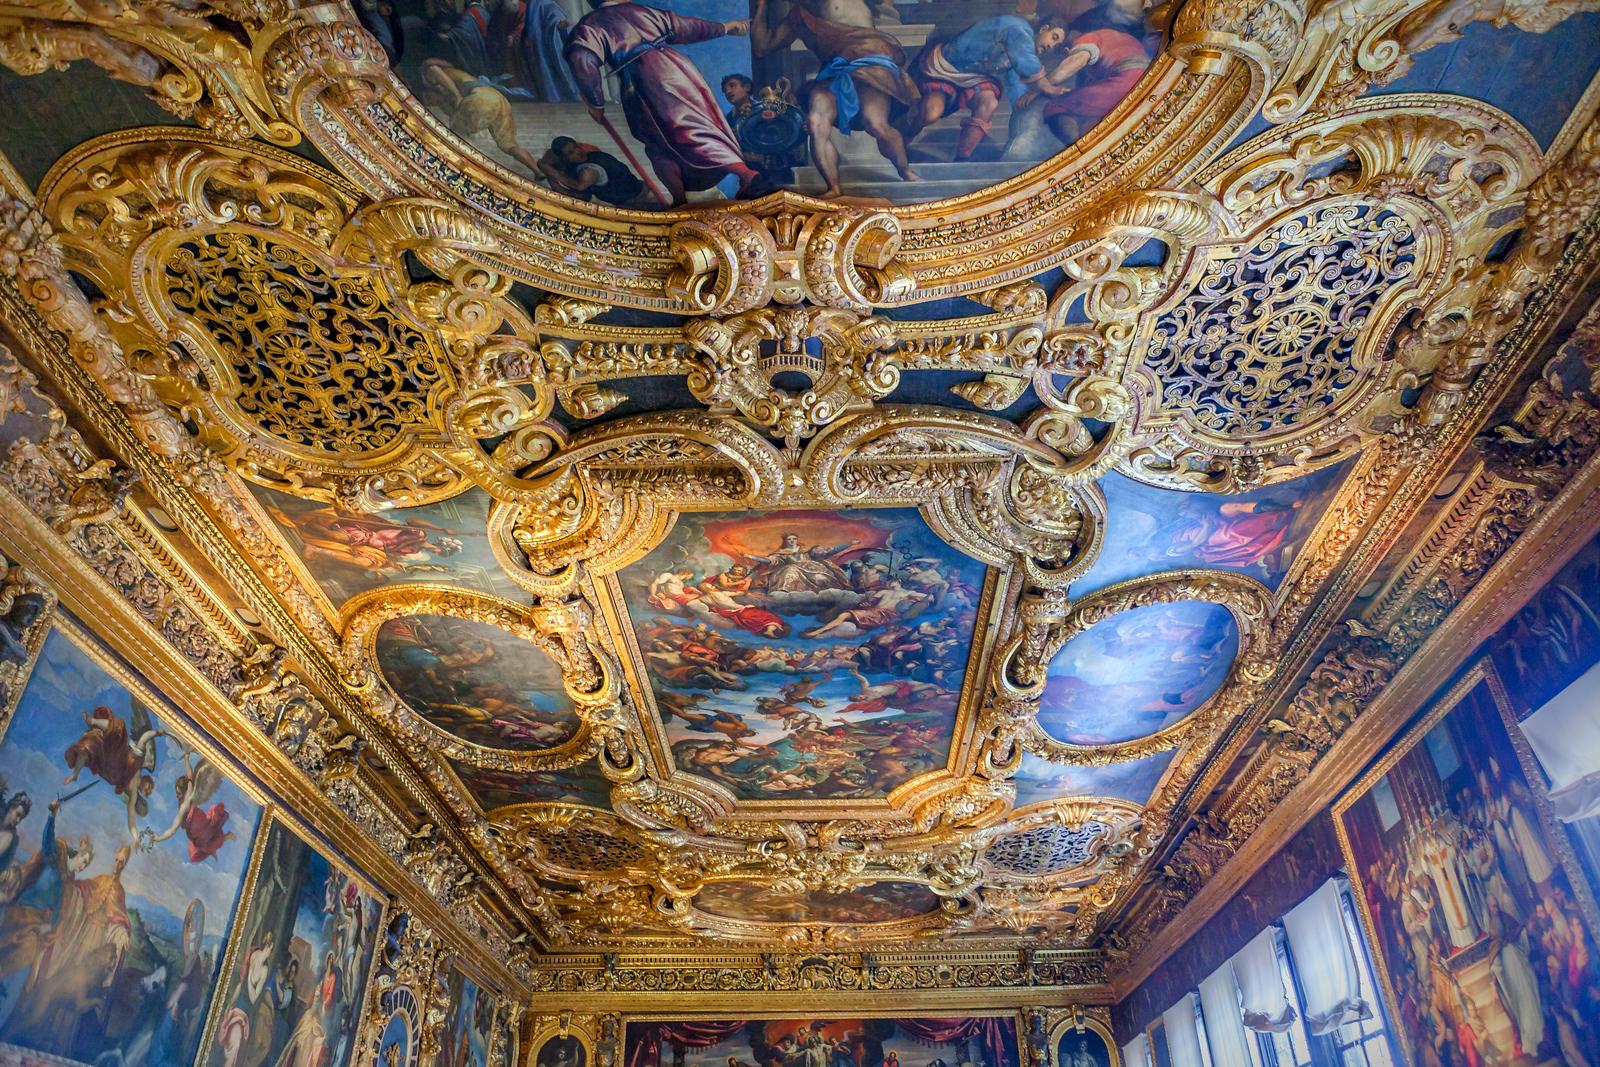 威尼斯聖馬可大教堂(St Mark's Basilica), 精雕細琢的頂設